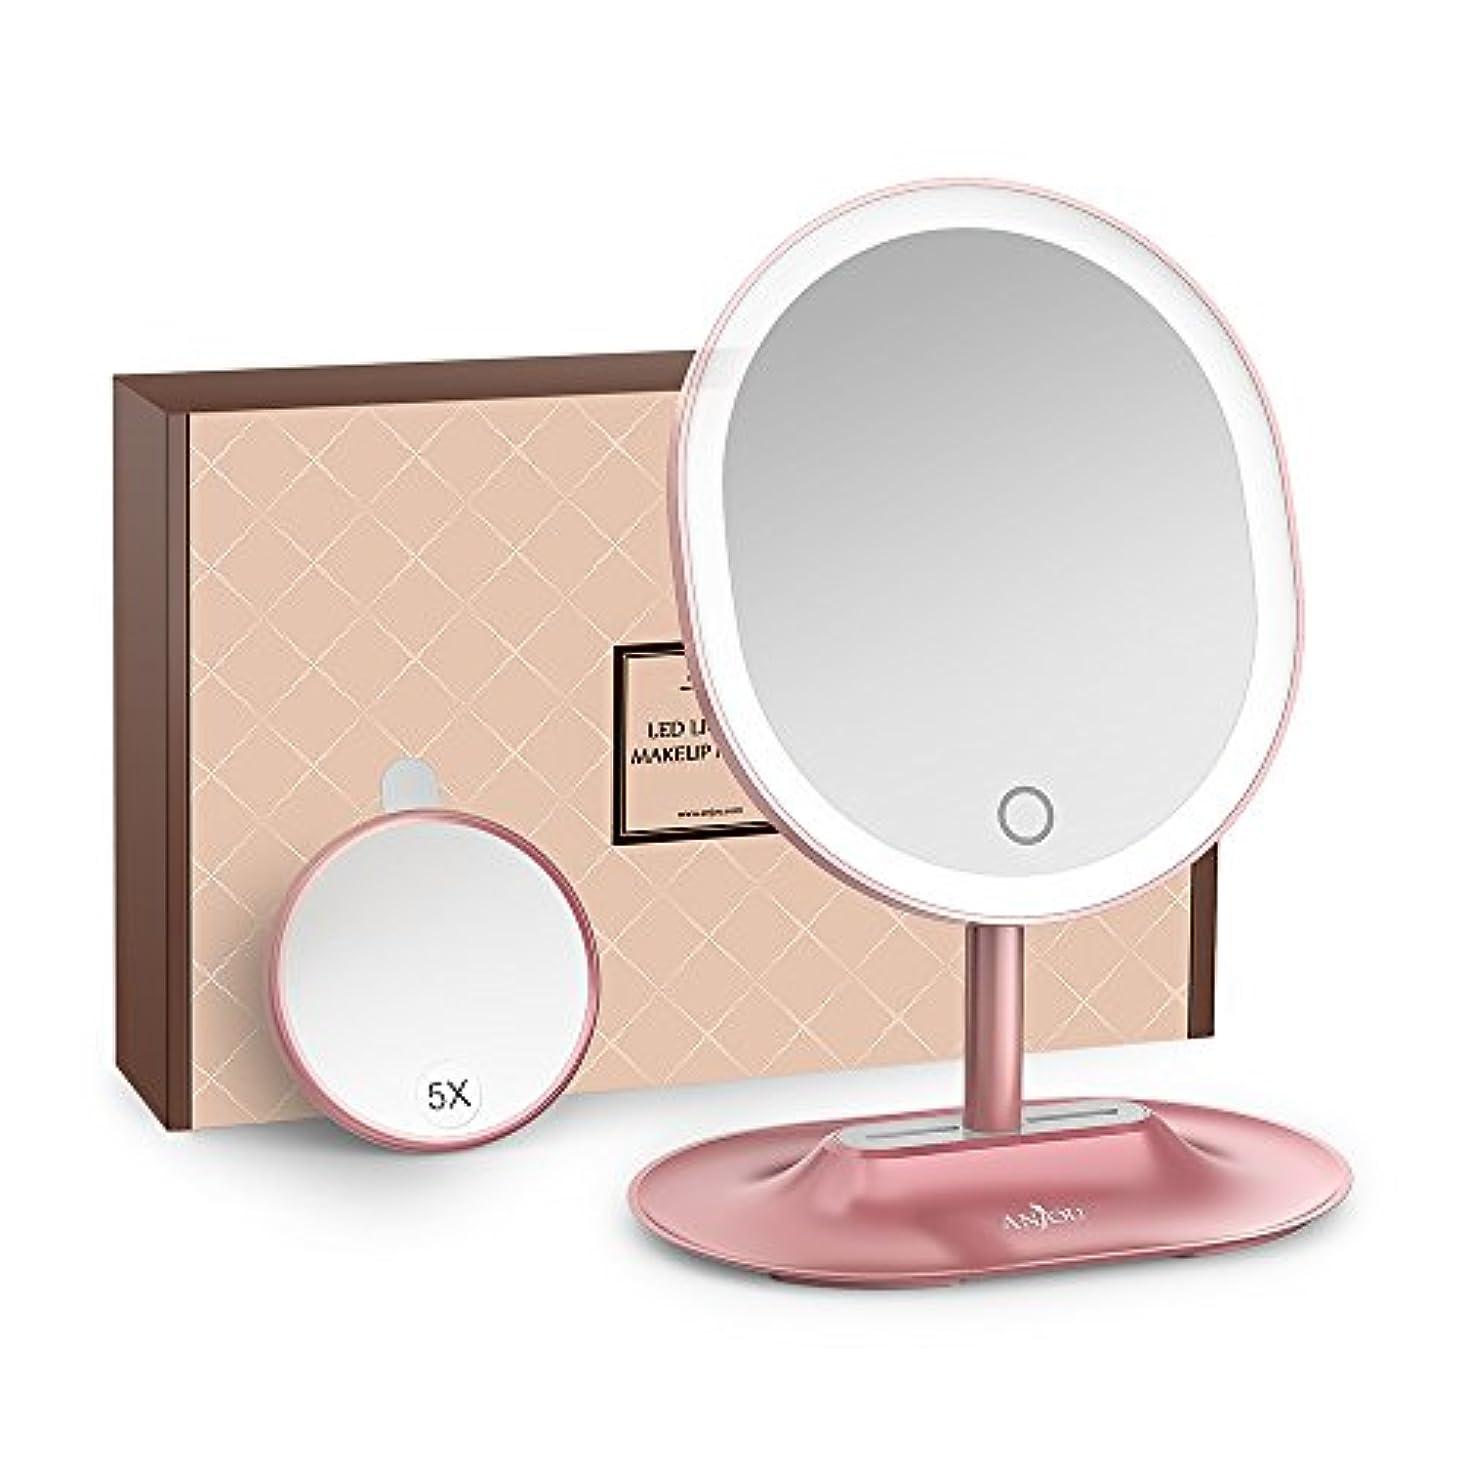 競争しみ宿命Anjou 化粧ミラー LED 卓上 5倍 拡大鏡 タッチパネル 明るさ調節可 メイク スタンドミラー 120度回転 USB充電 トレー付 (ローズゴールド) AJ-MTA005